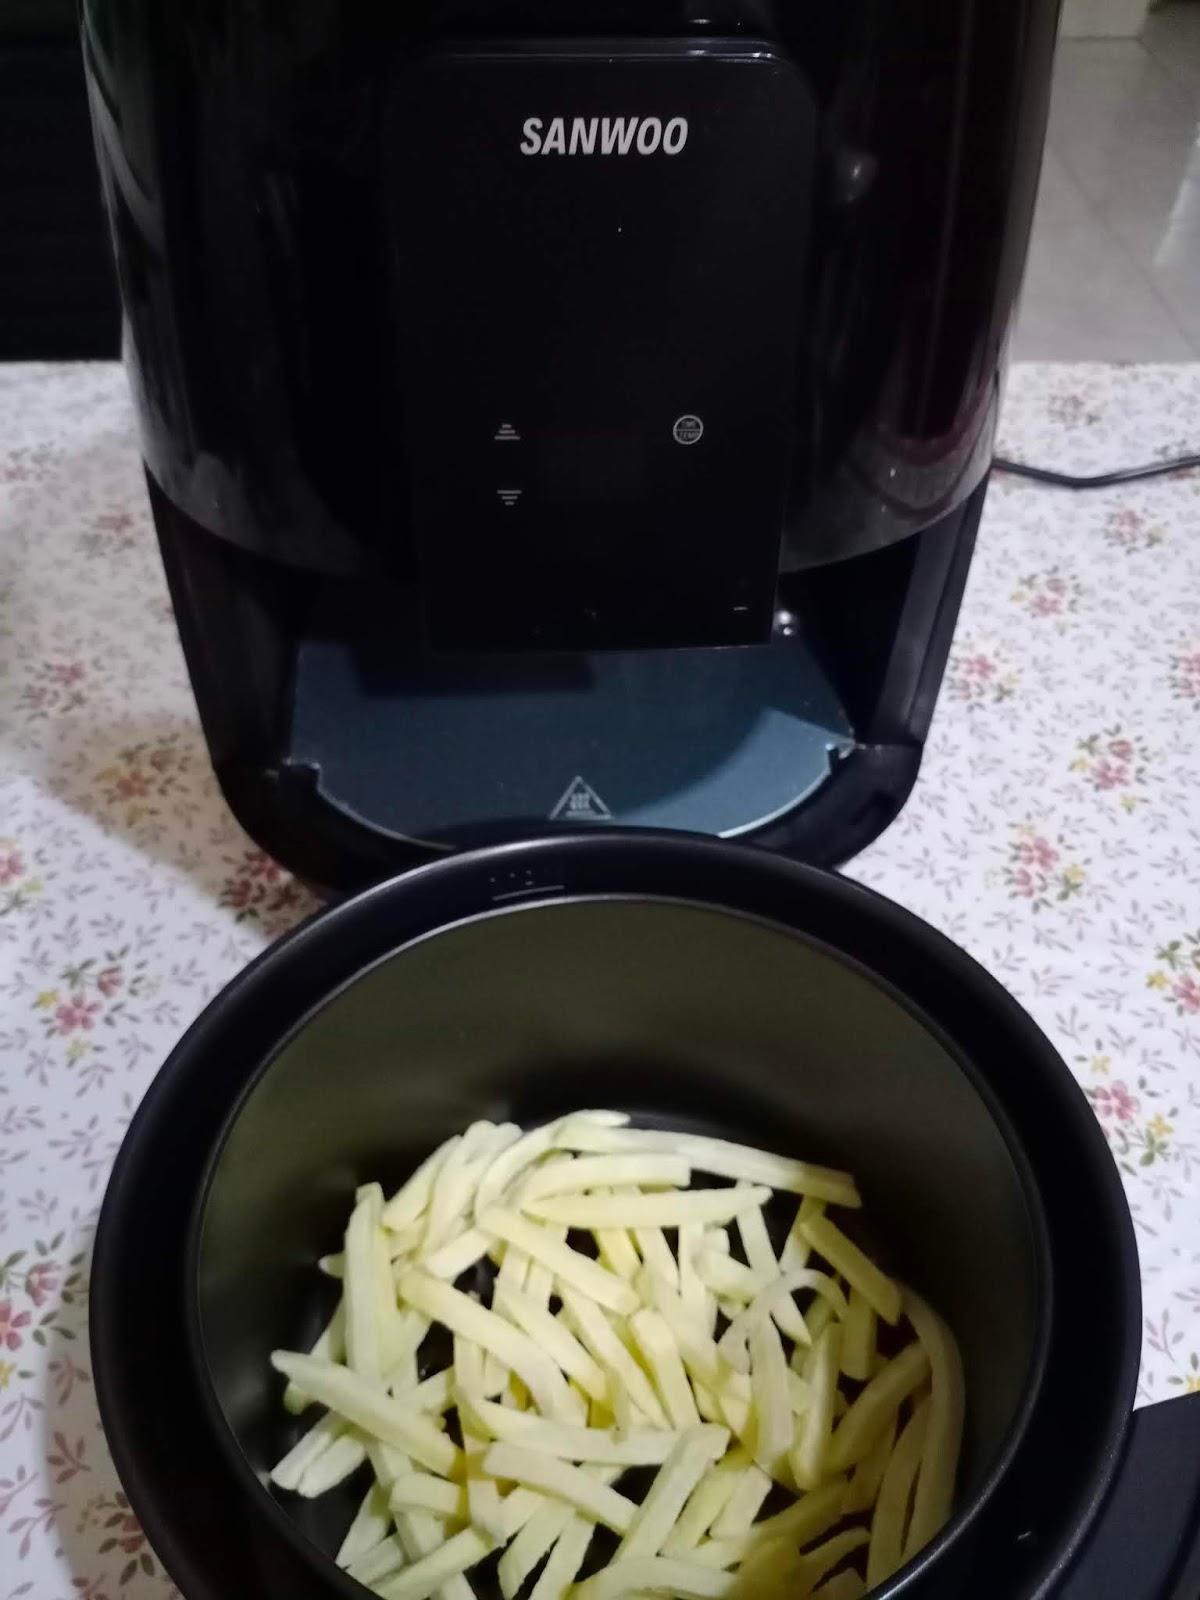 Meli Engku Air Fryer Terbaik Untuk Hidup Lebih Sehat